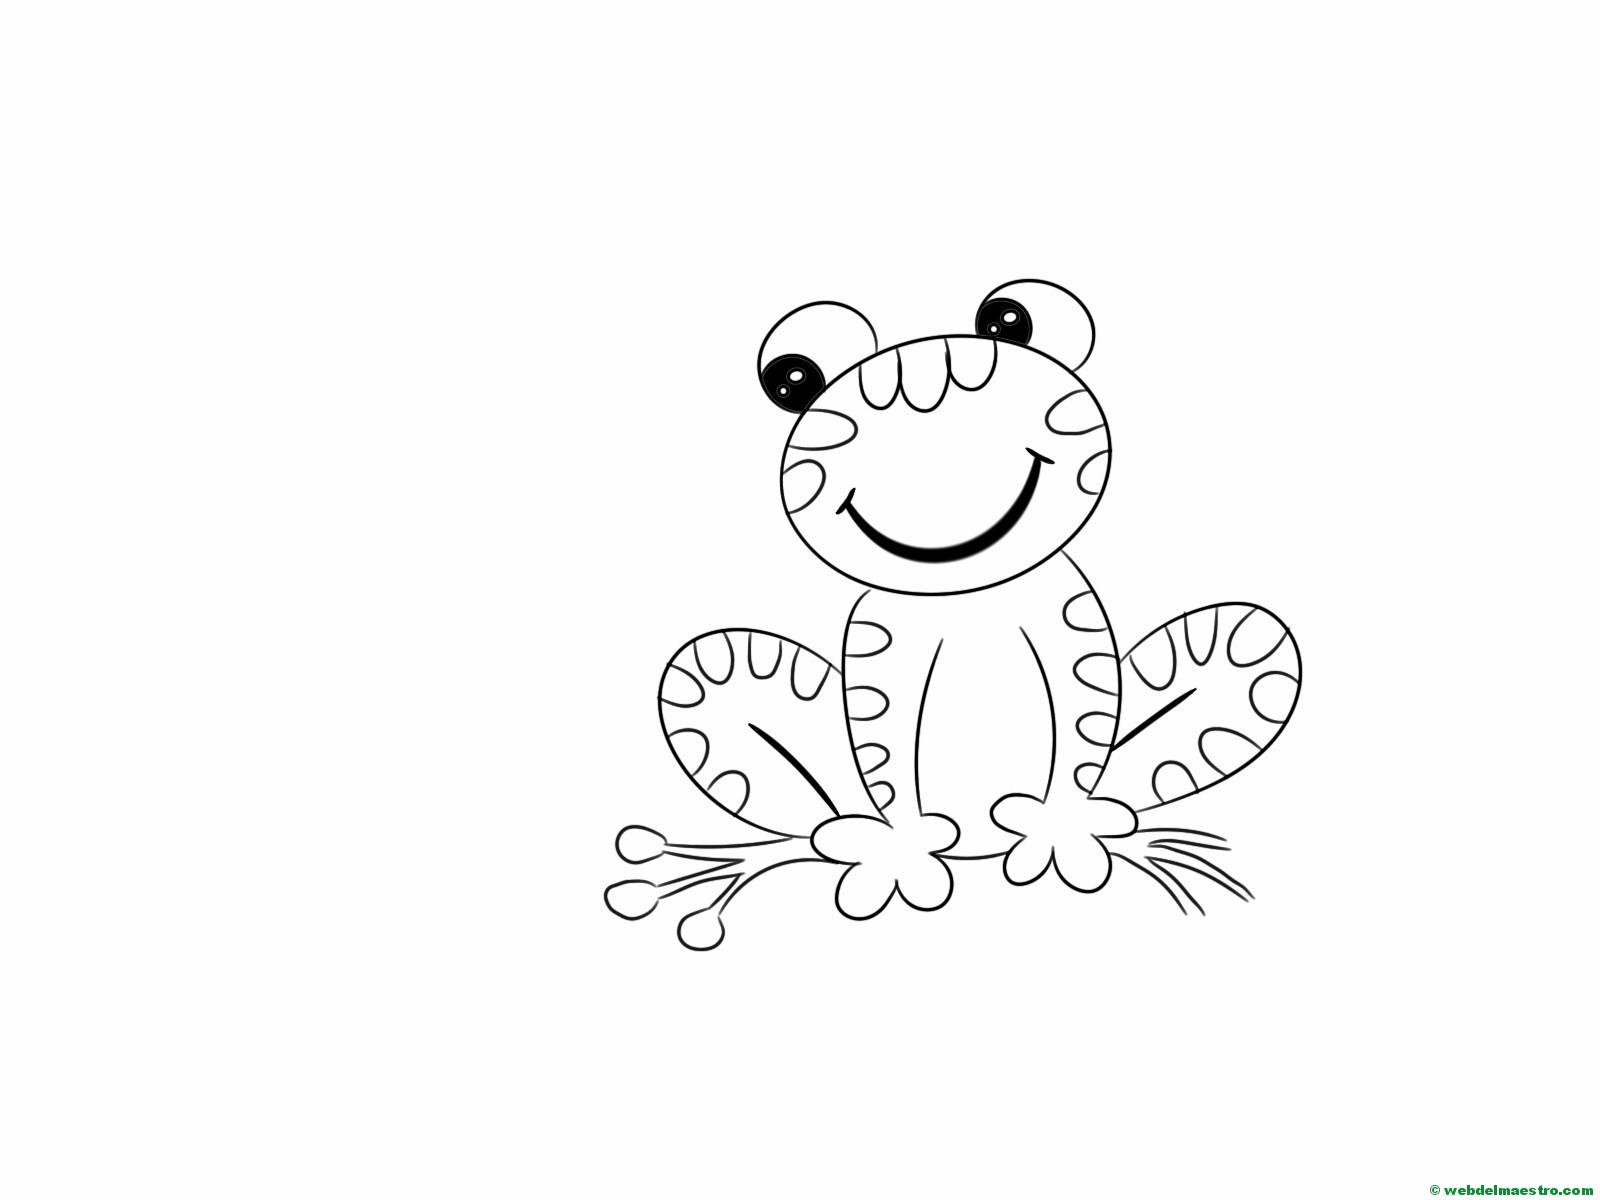 dibujar-paso-a-paso-rana-22 - Web del maestro